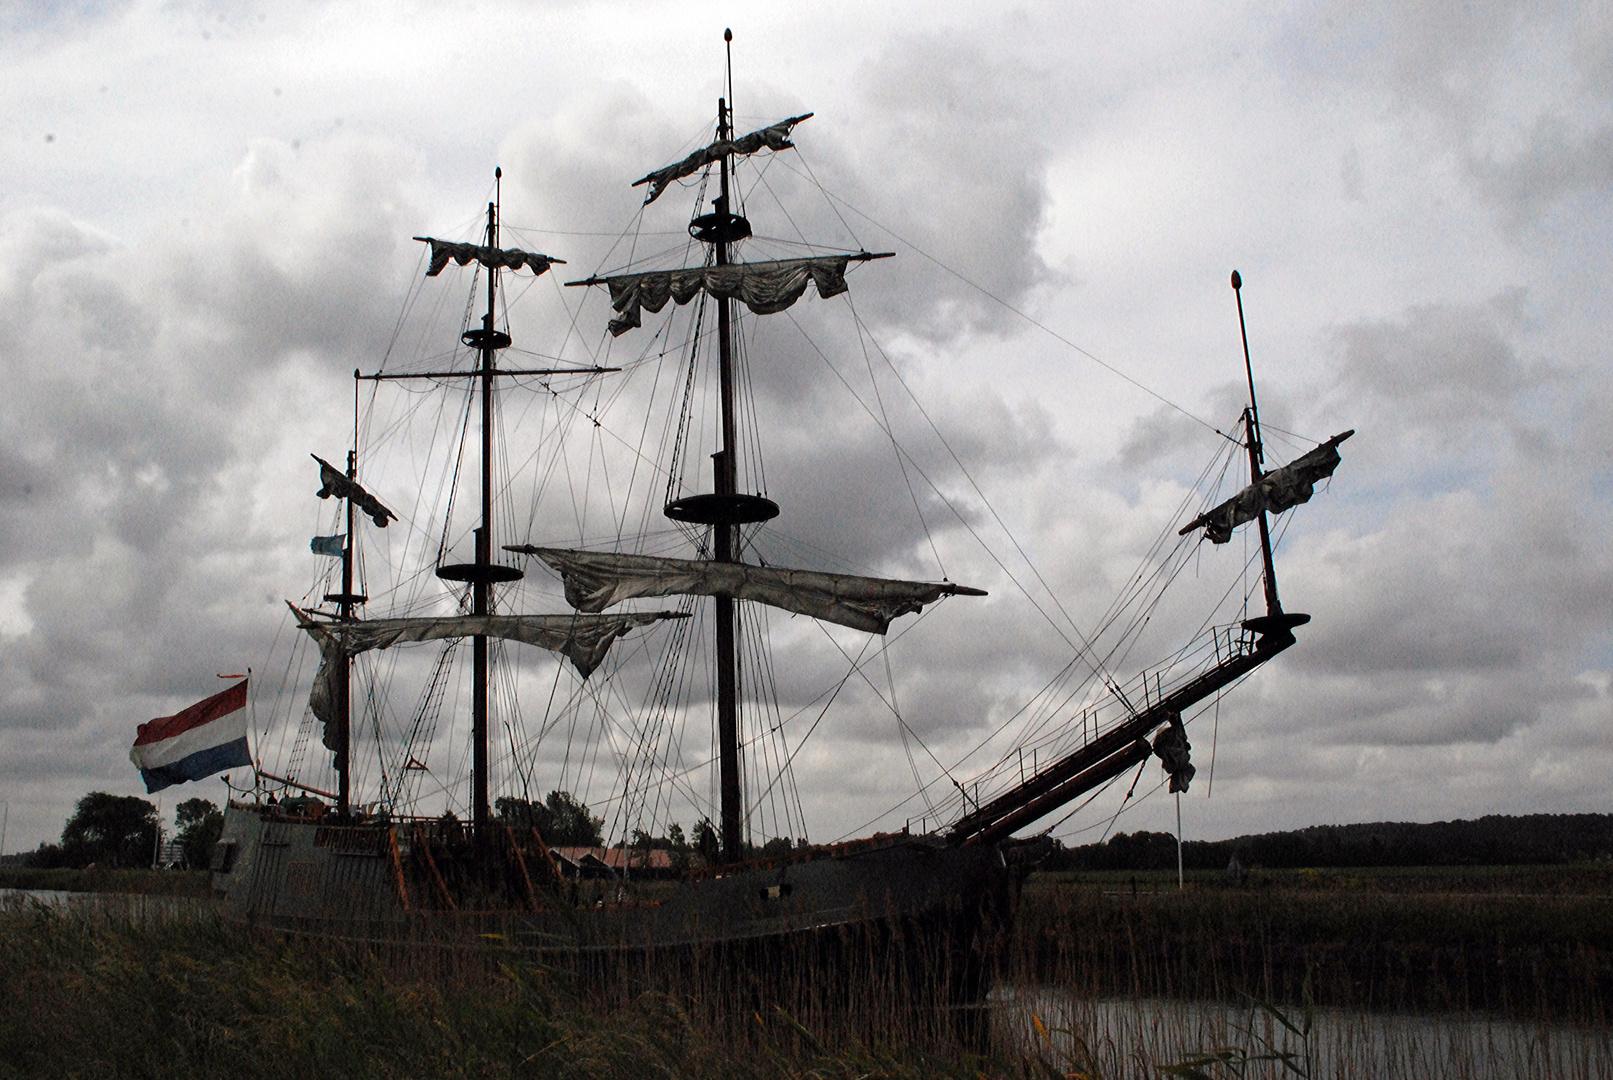 Ein Piratenschiff auf großer Reise